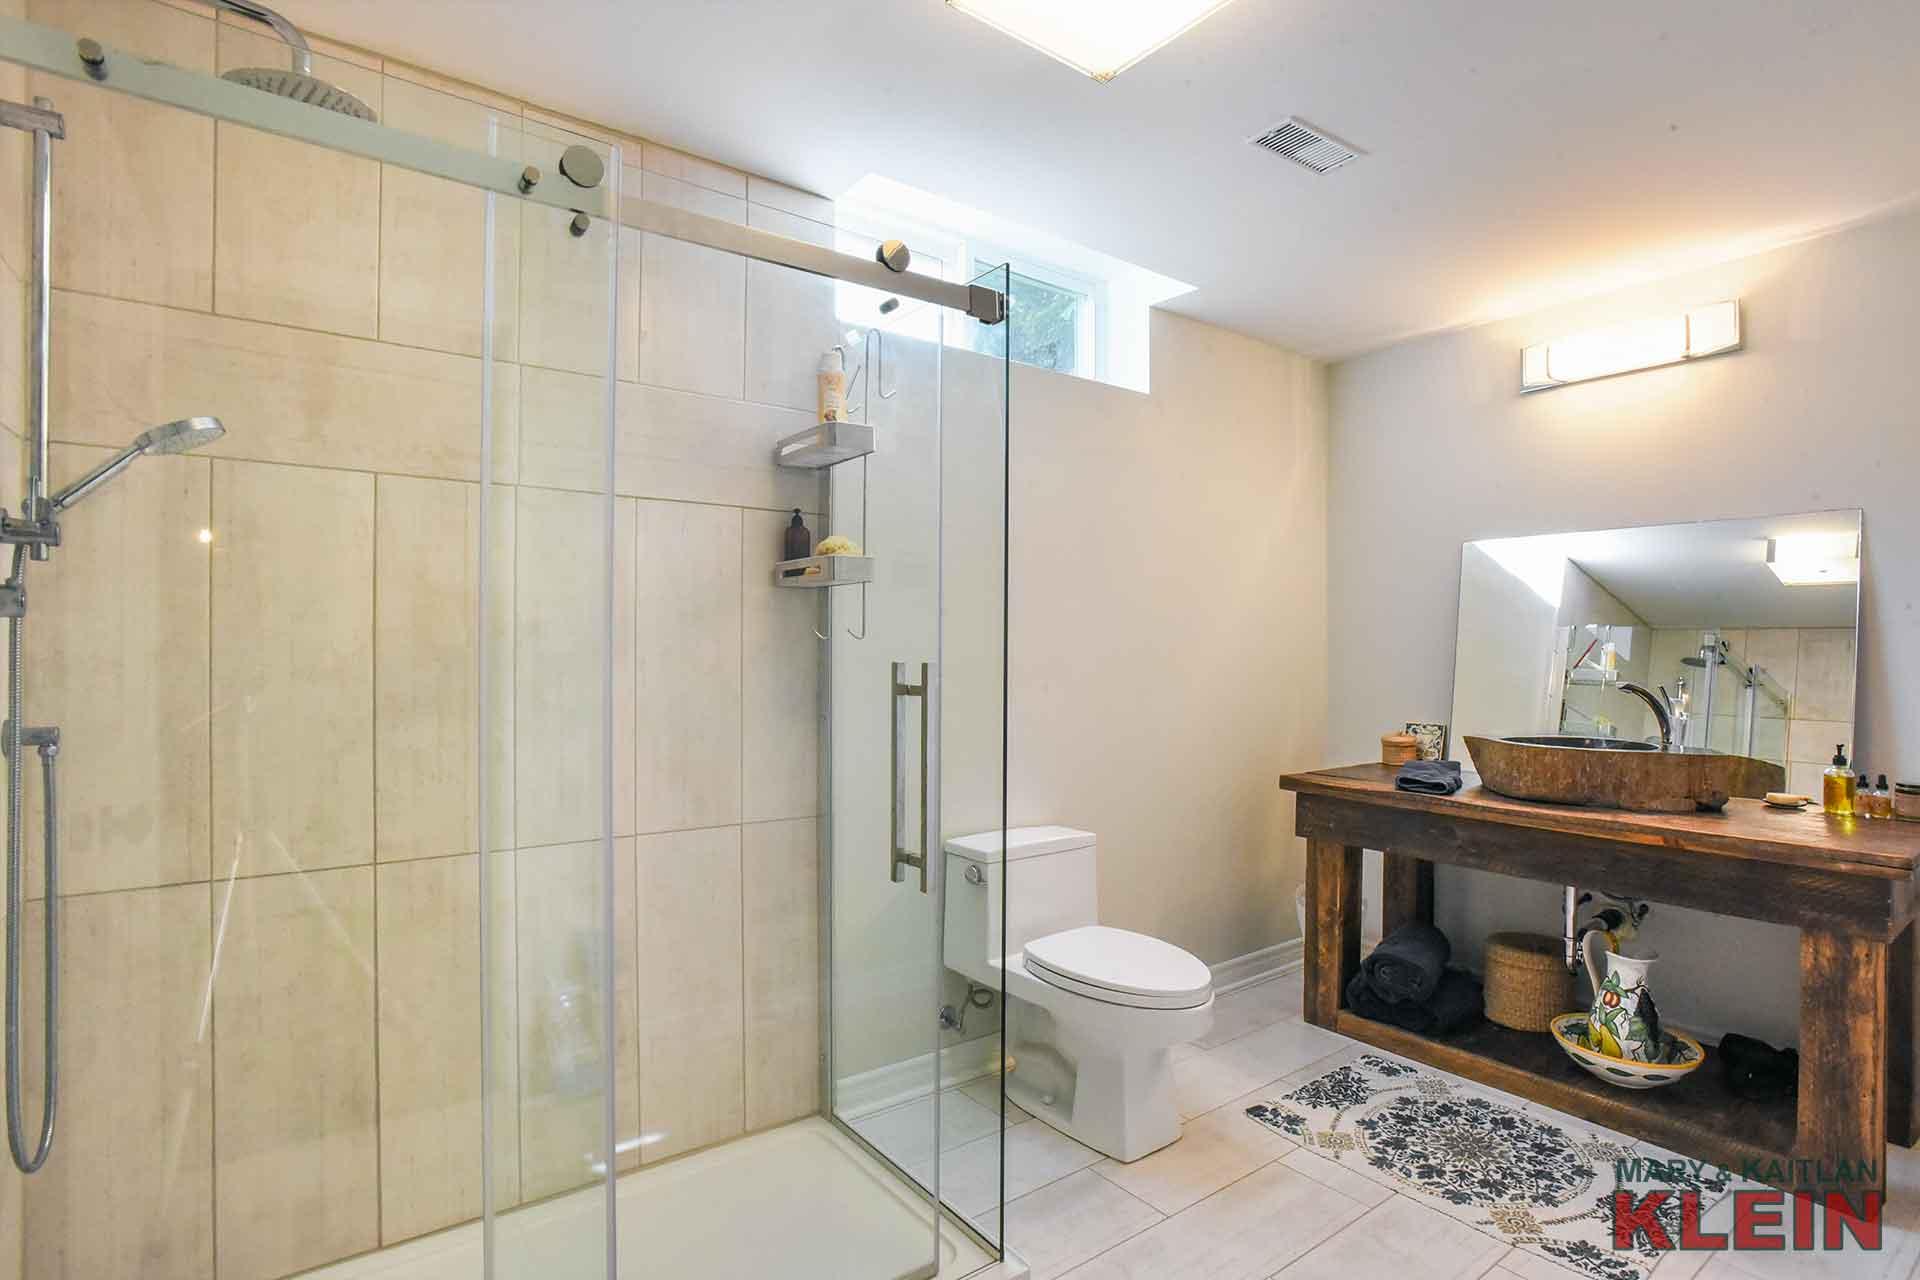 Basement 3 piece bathroom, glass shower